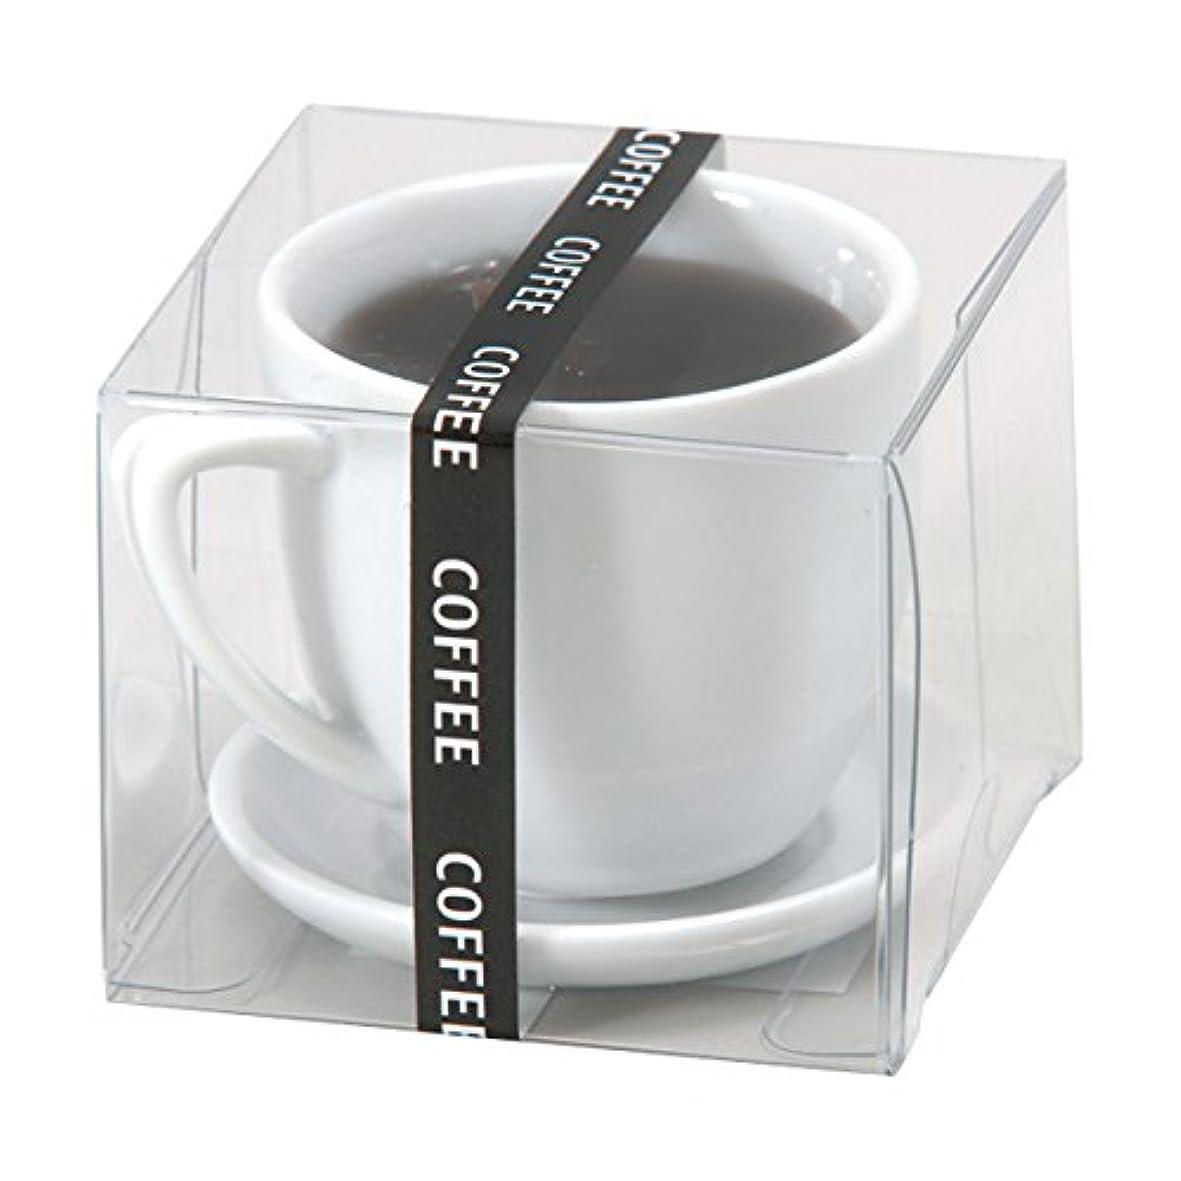 ホットコーヒー ローソク